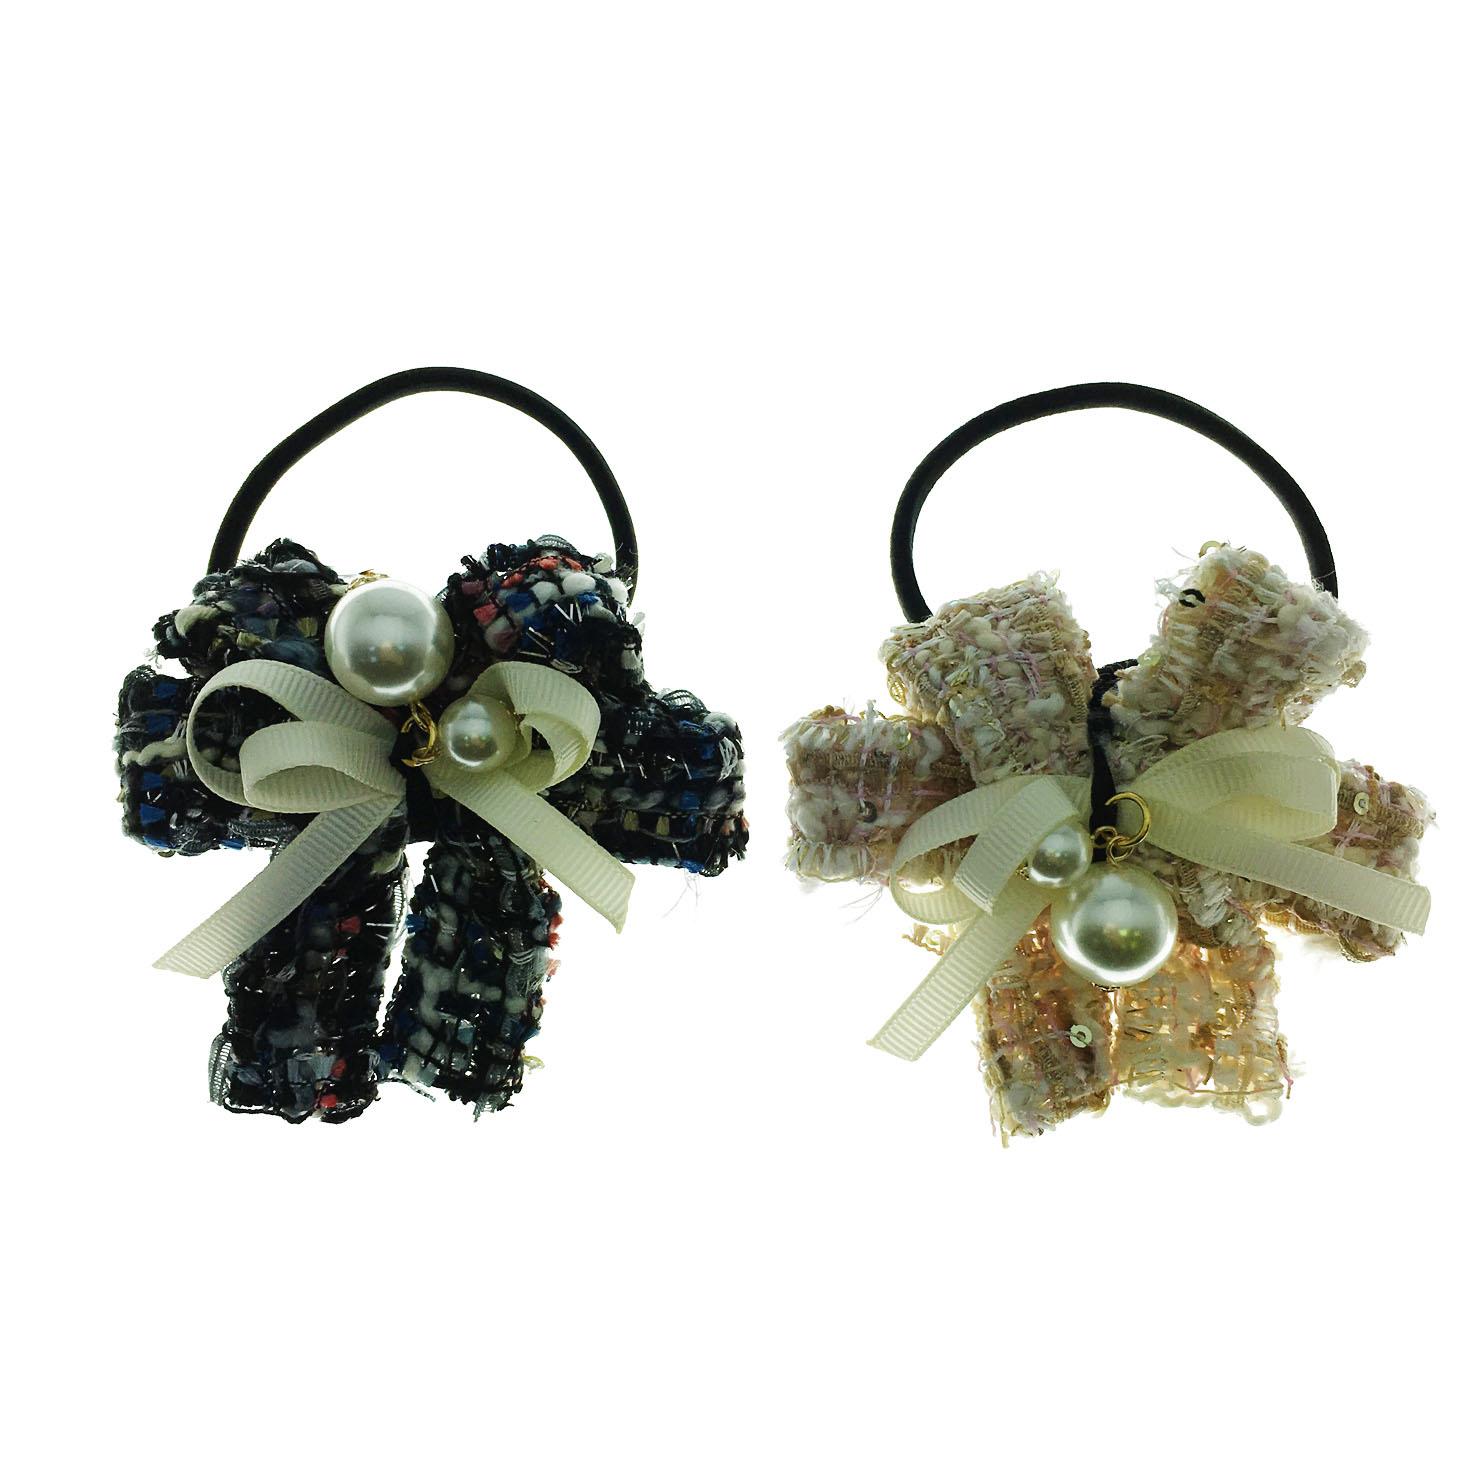 韓國 蝴蝶結 珍珠 水鑽 混色毛呢 可愛氣質 緞帶 新款造型髮束